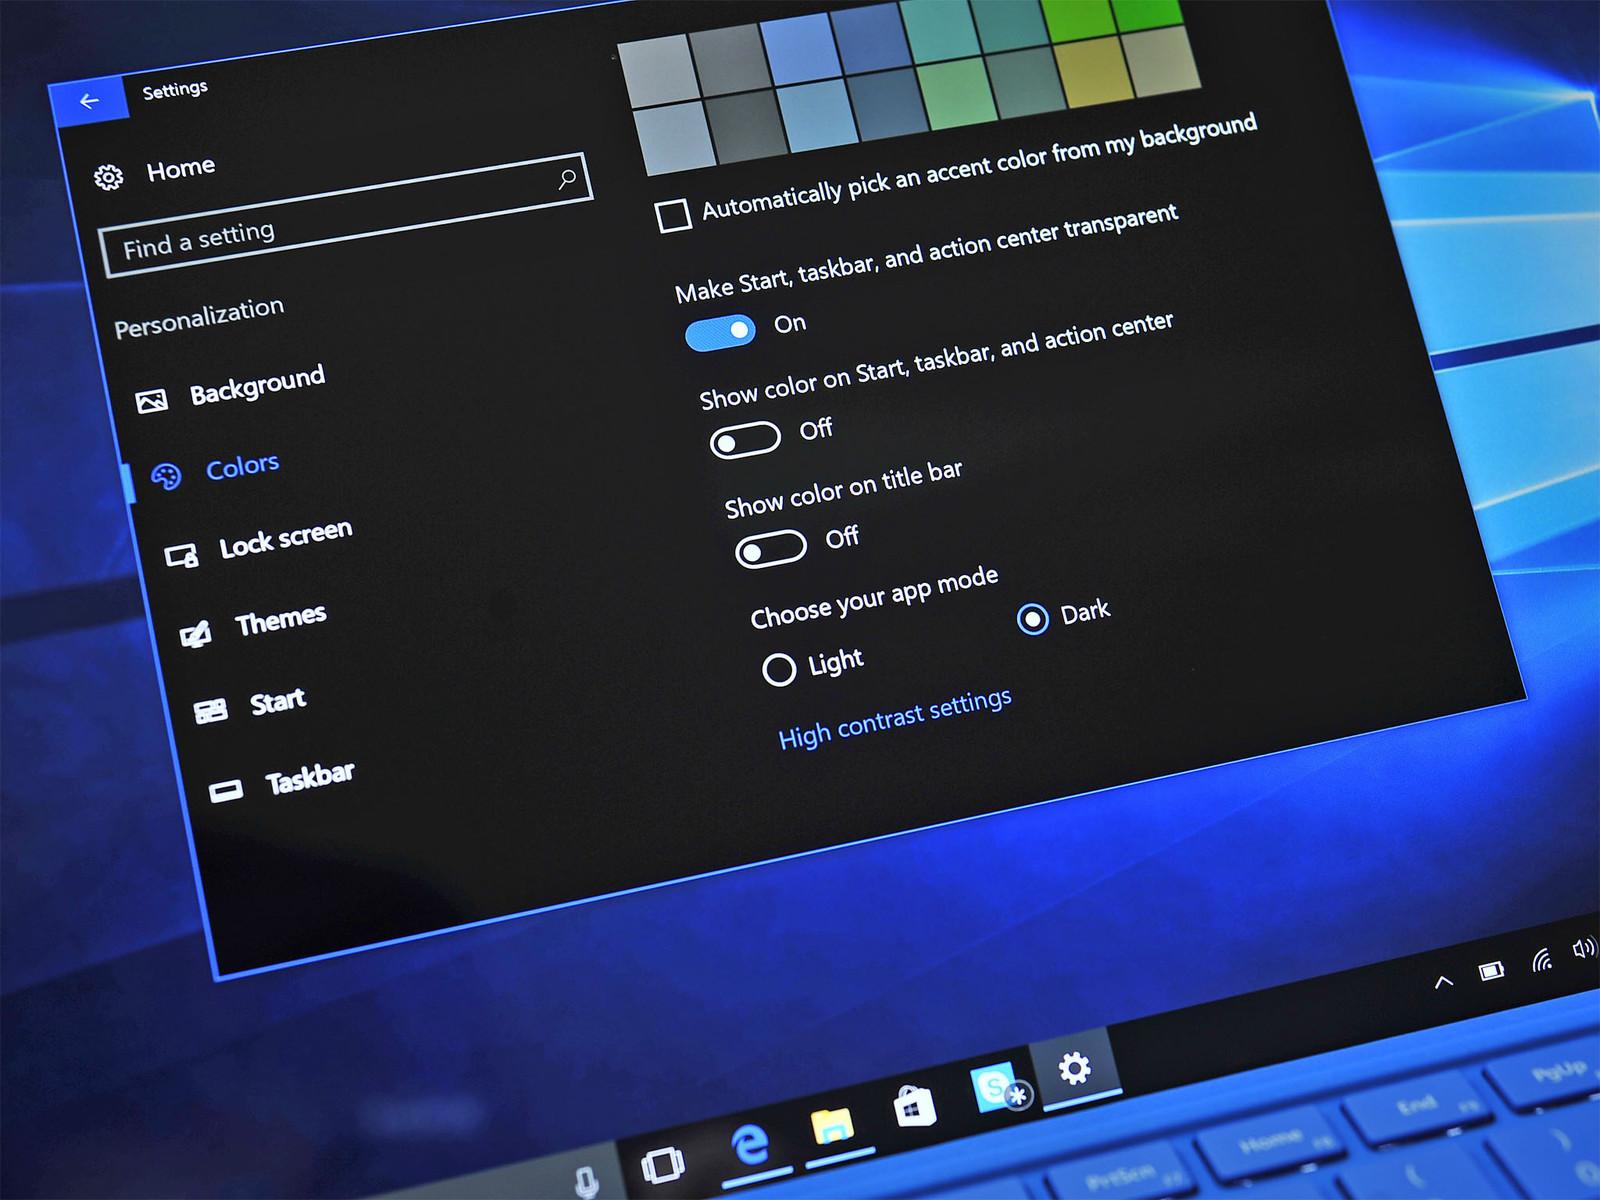 Windows 10 Anniversary Update artykuł